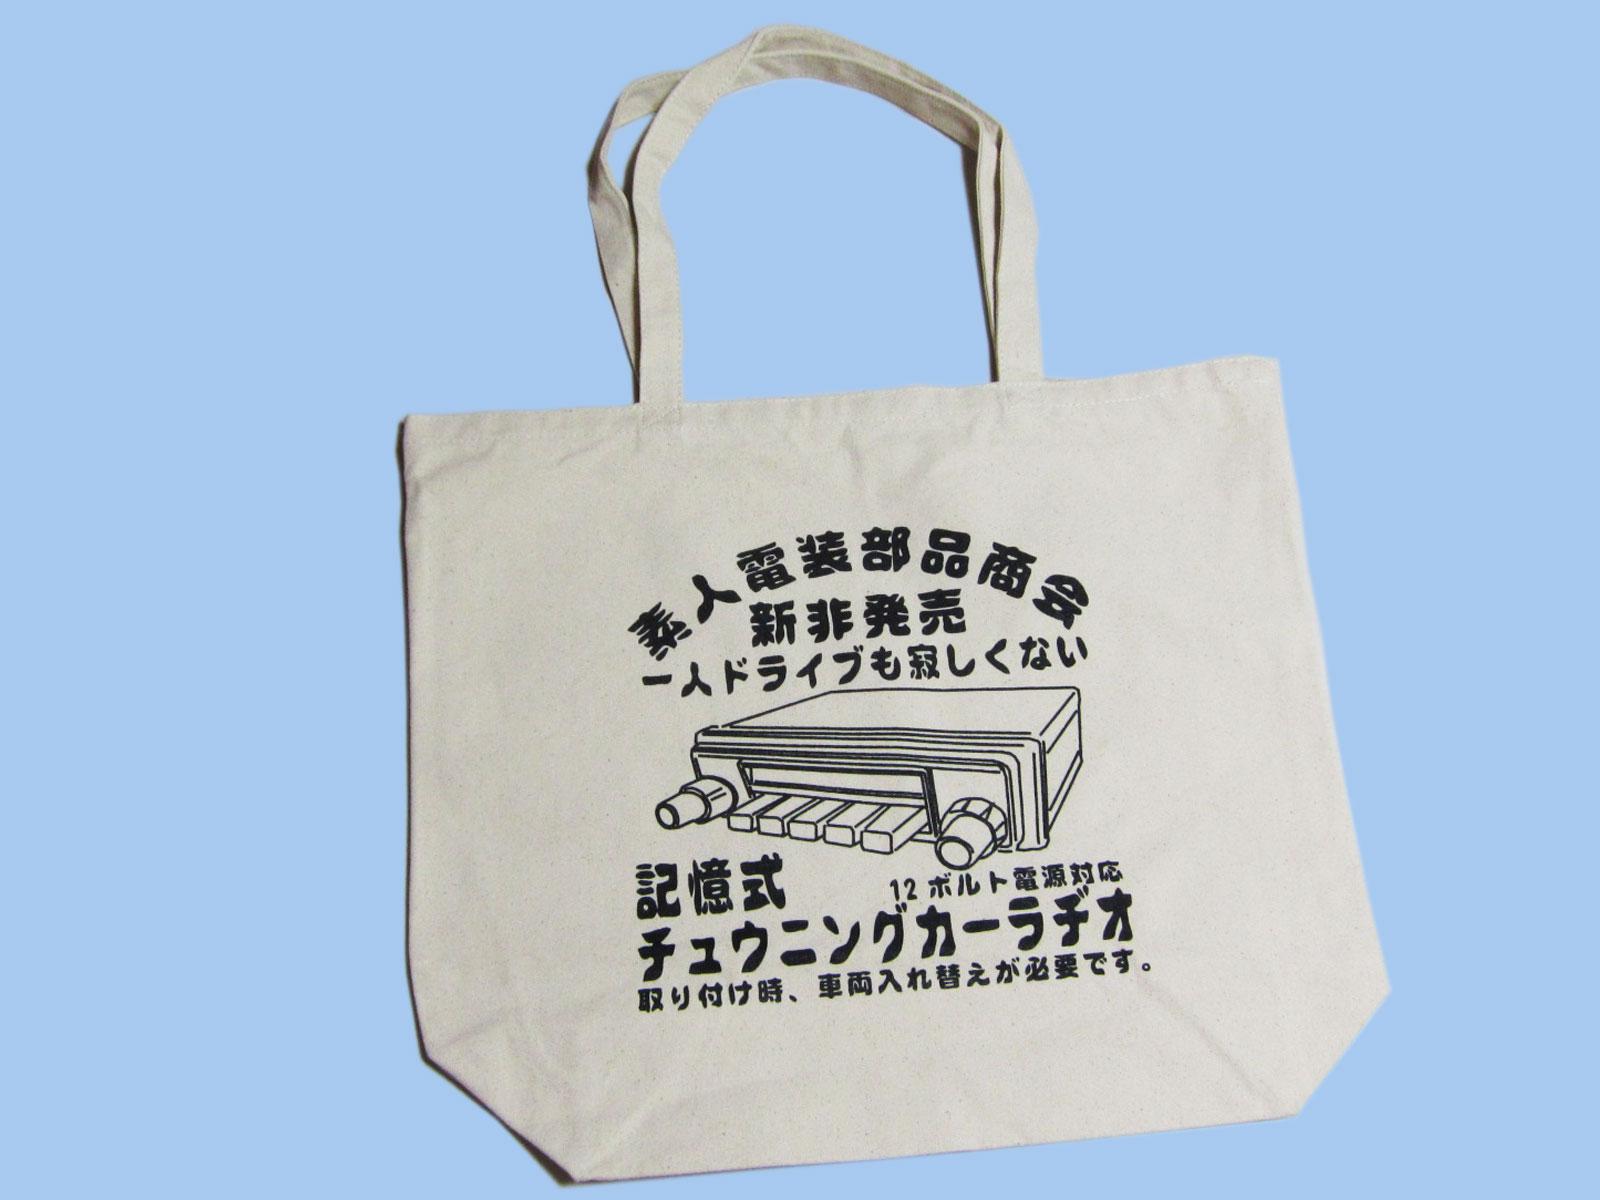 キャンバストートバッグ 素人電装部品商会 カーラヂオ 4610MOTORS シロウトモータース